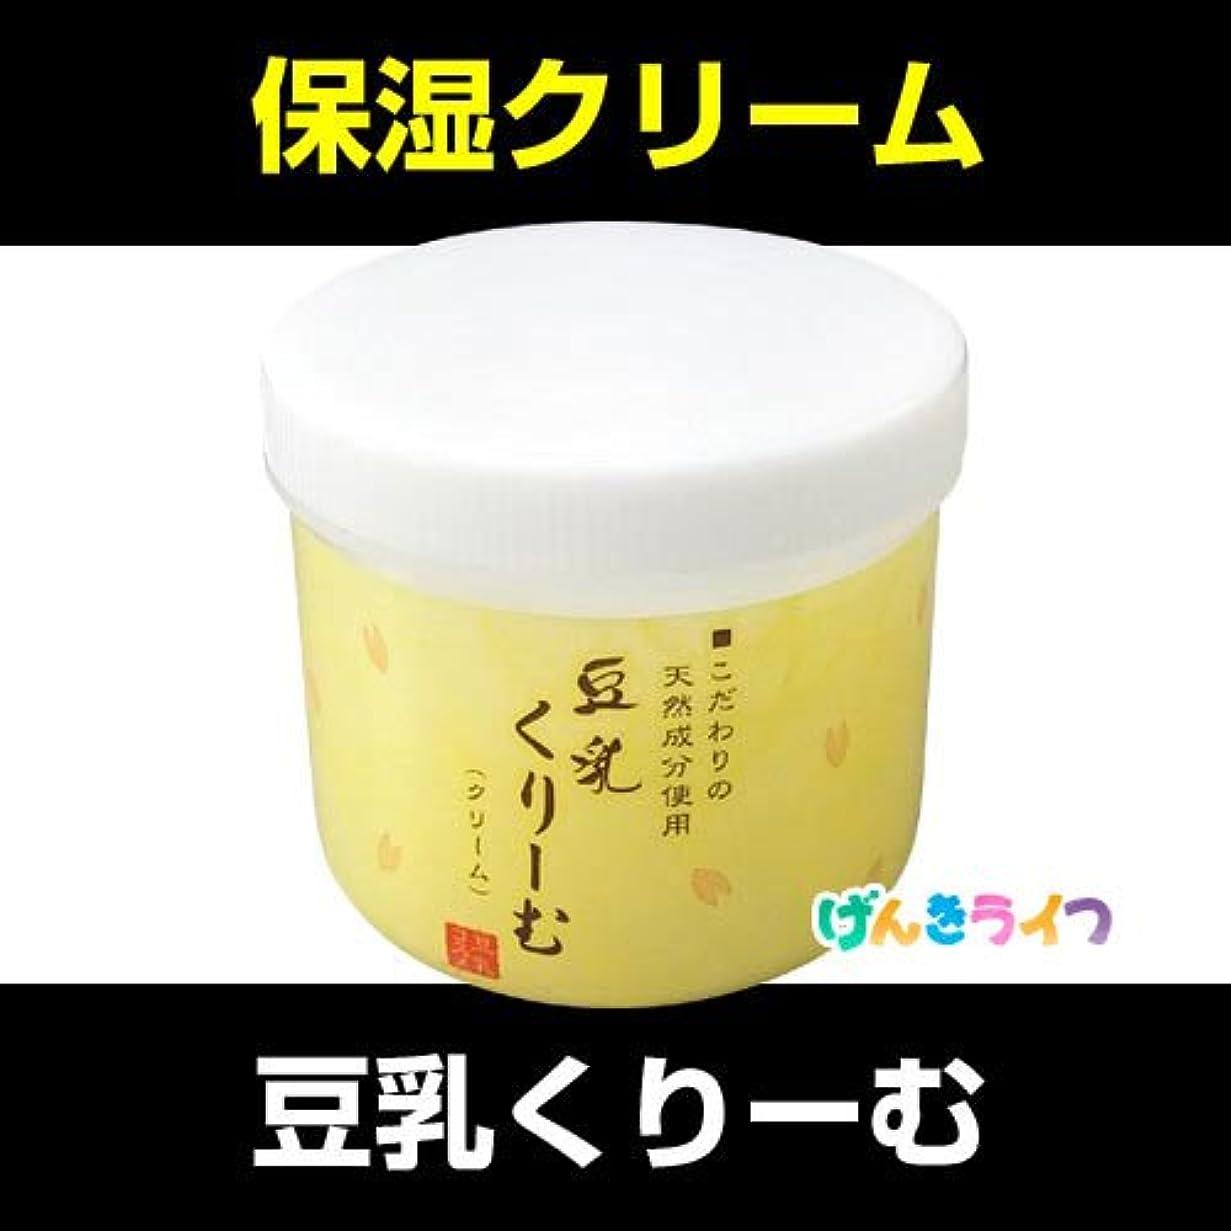 海上パット現実吉野ふじや謹製 とうにゅうくりーむ(豆乳クリーム)【3個】